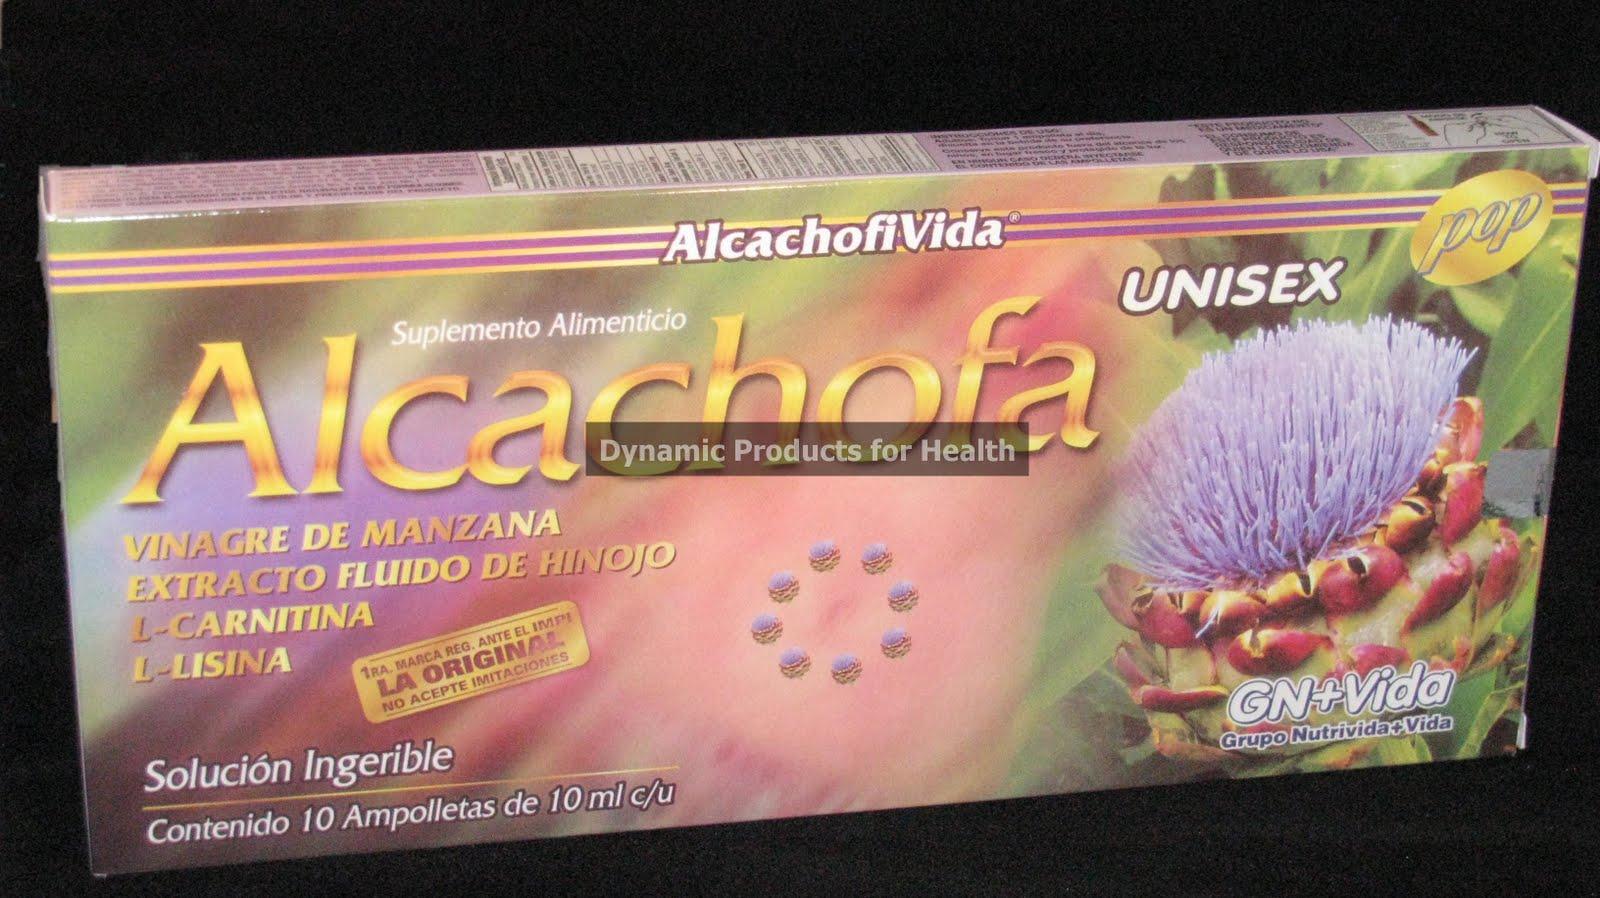 Noticias Sobre las Ampolletas de Alcachofa